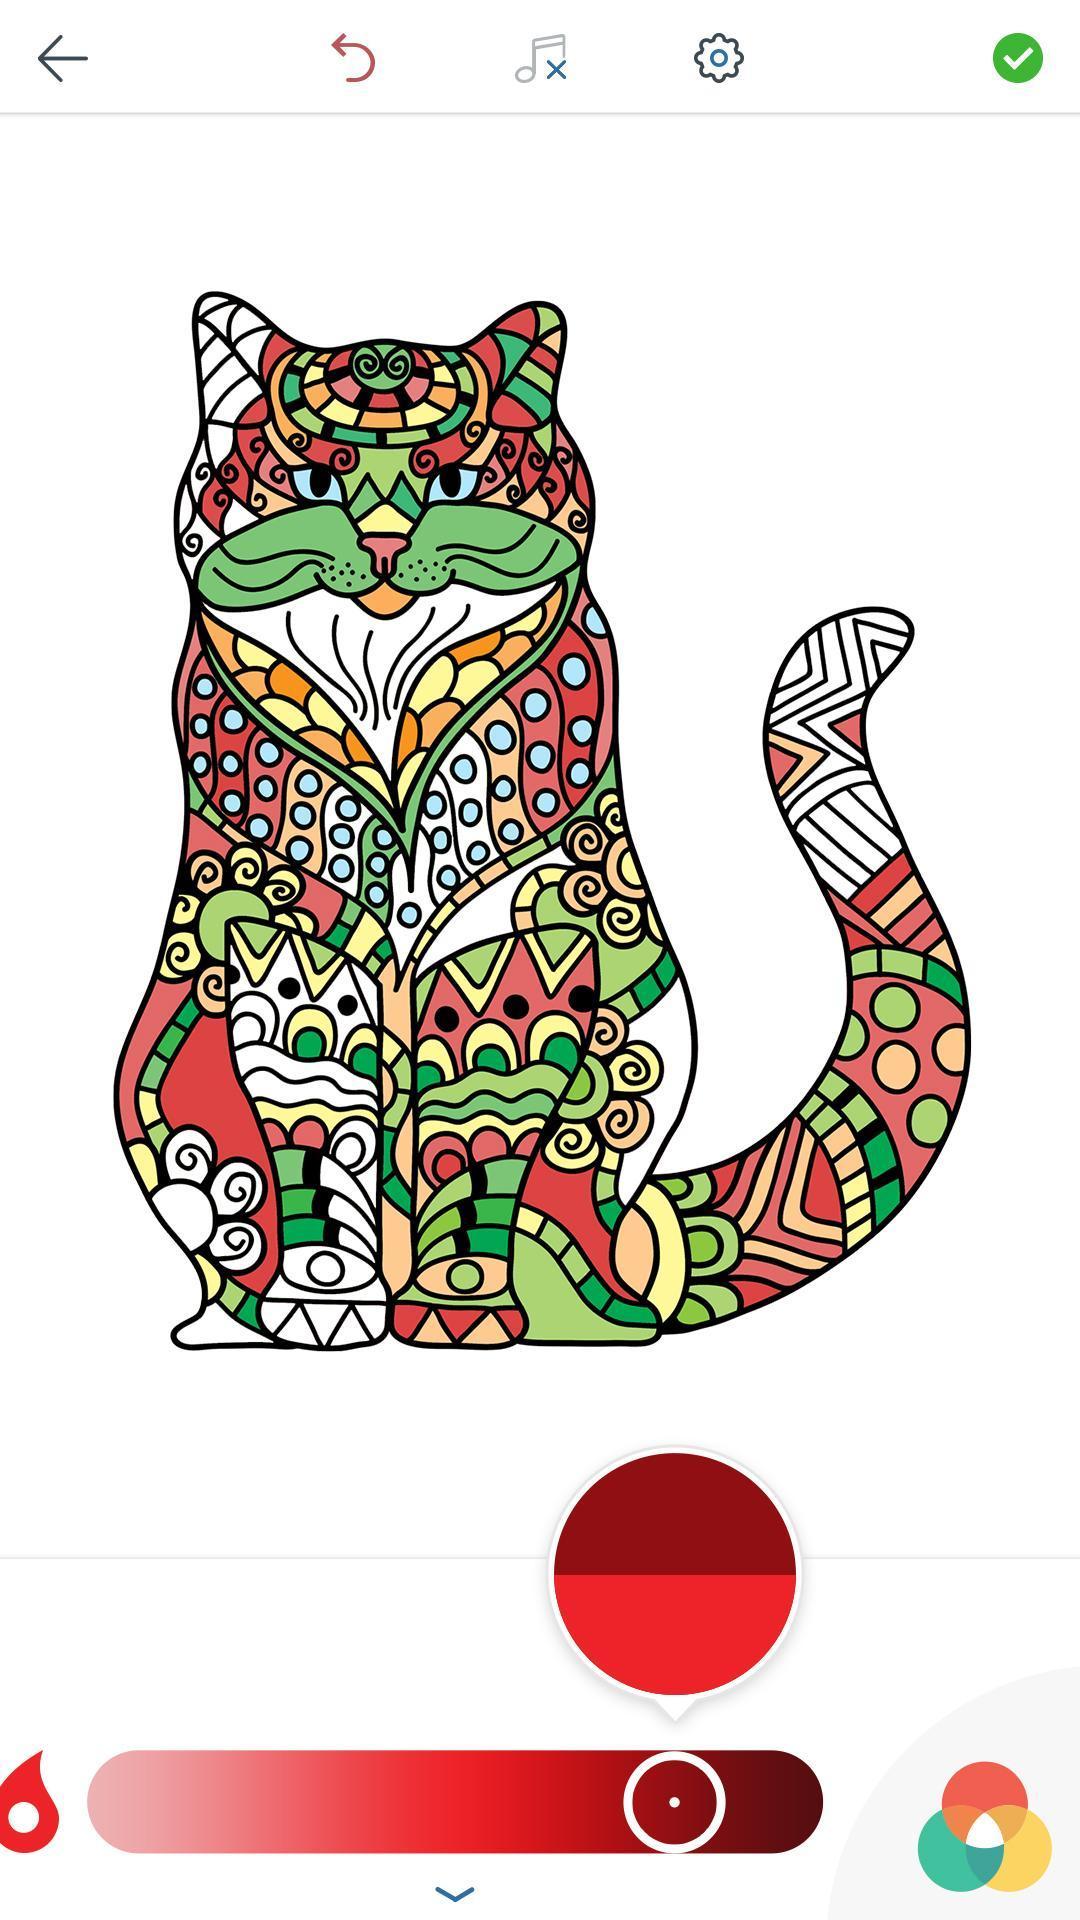 Download 92+  Gambar Kucing Untuk Mewarnai Paling Keren Gratis